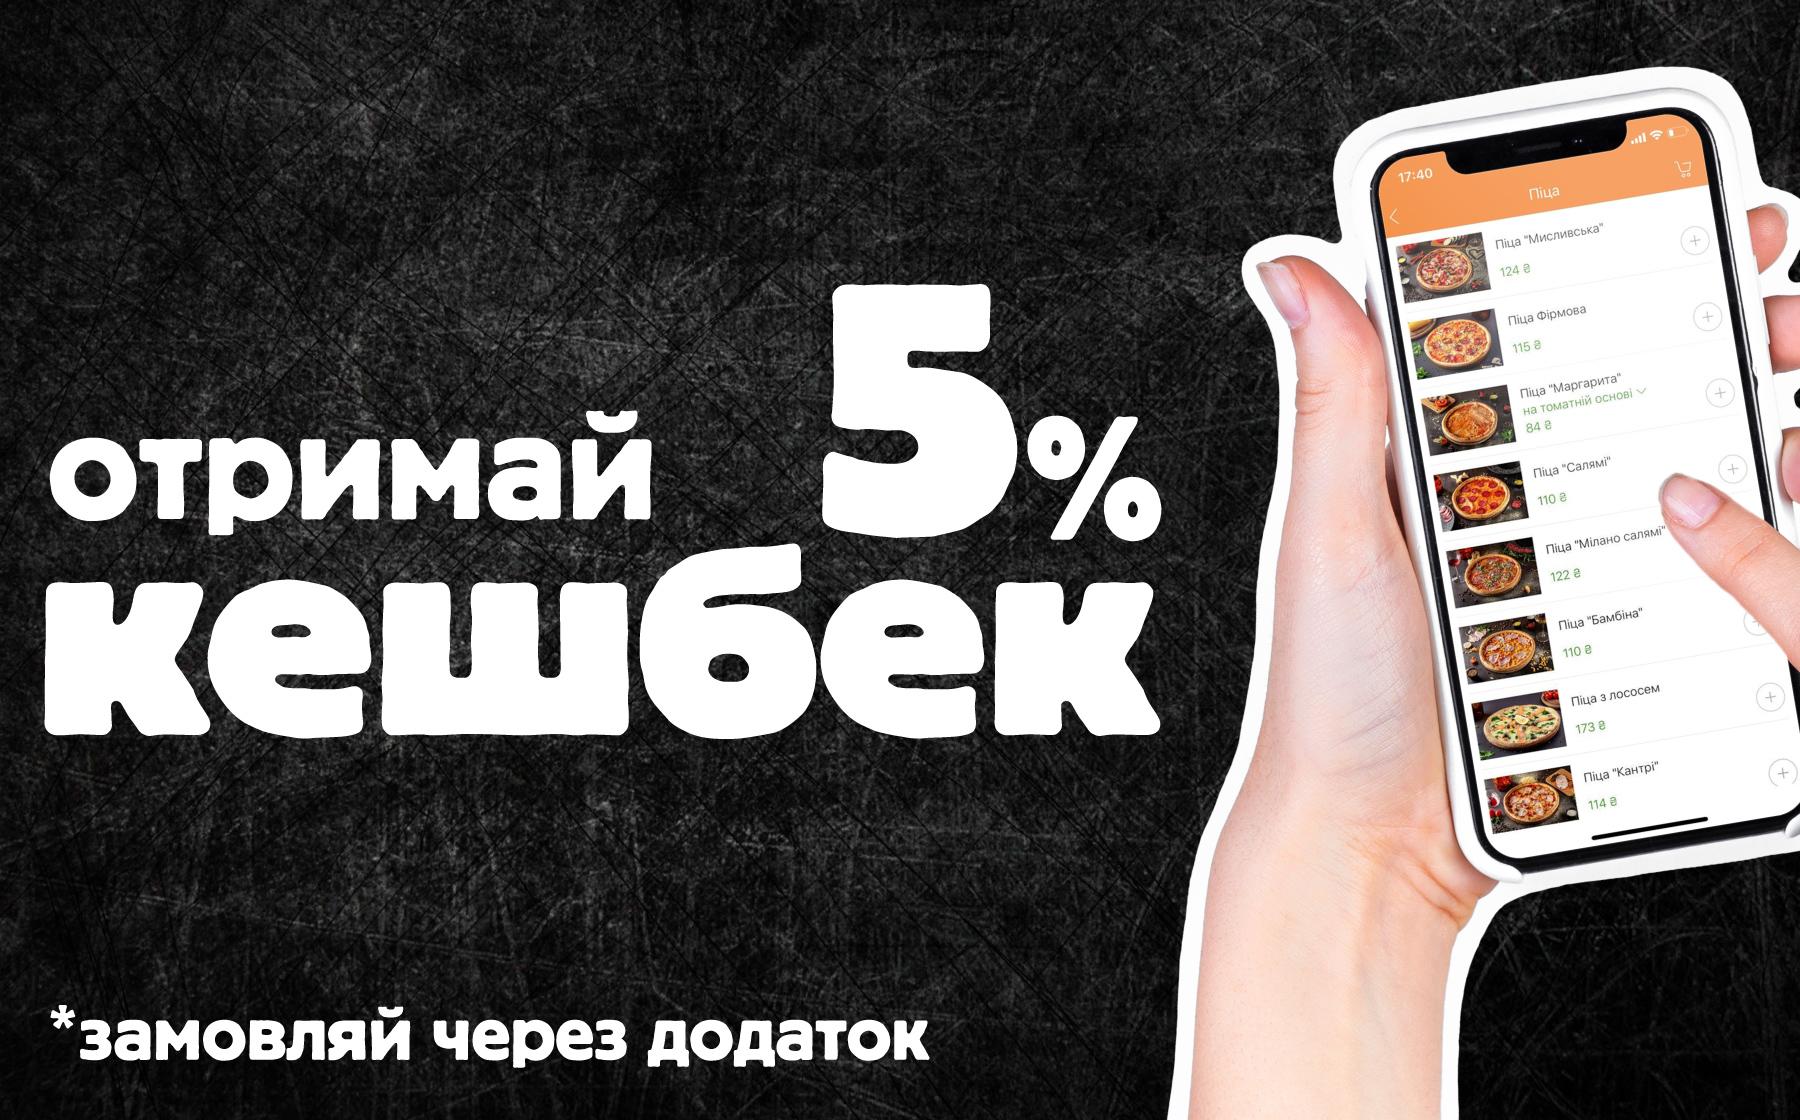 Отримуй Кешбек 5%